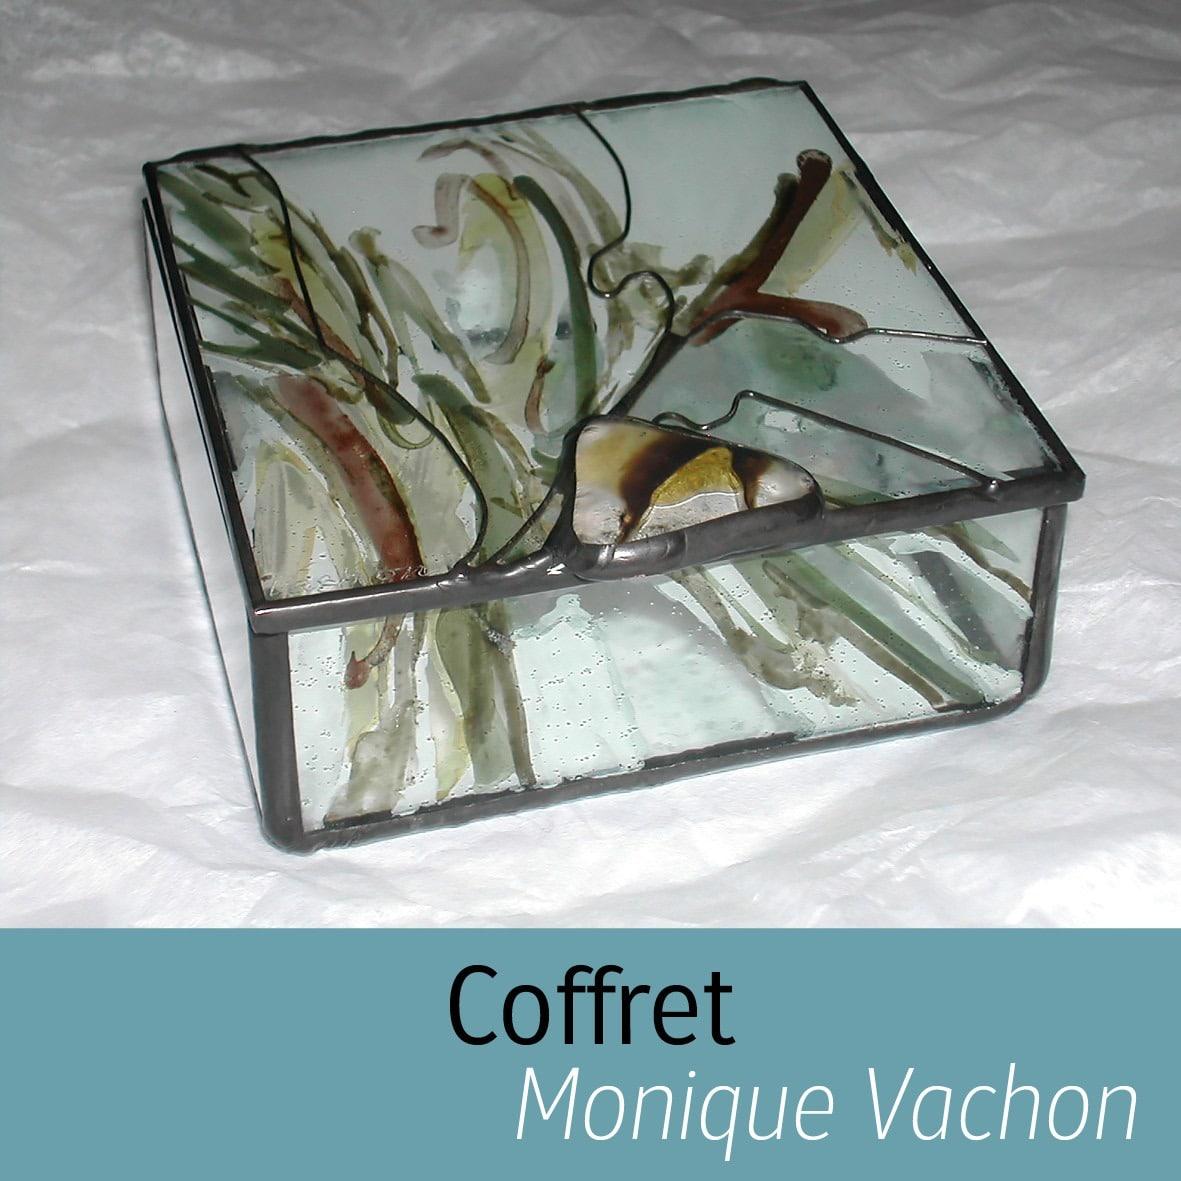 Coffret Monique Vachon